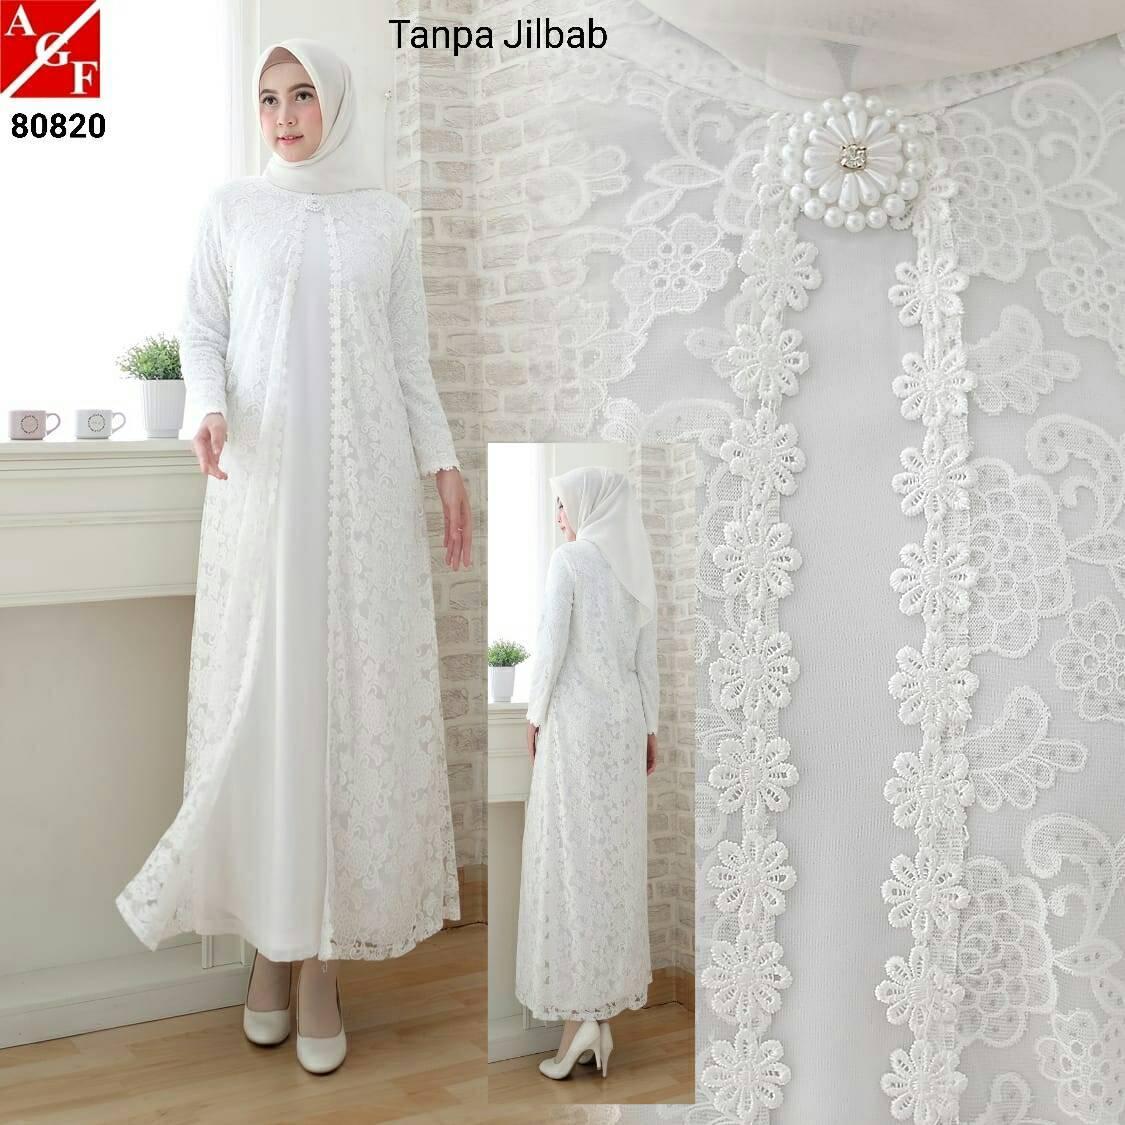 Baju Gamis Wanita Brukat   Gamis Putih Lebaran Umroh Haji   Busana Muslim 5050188f25